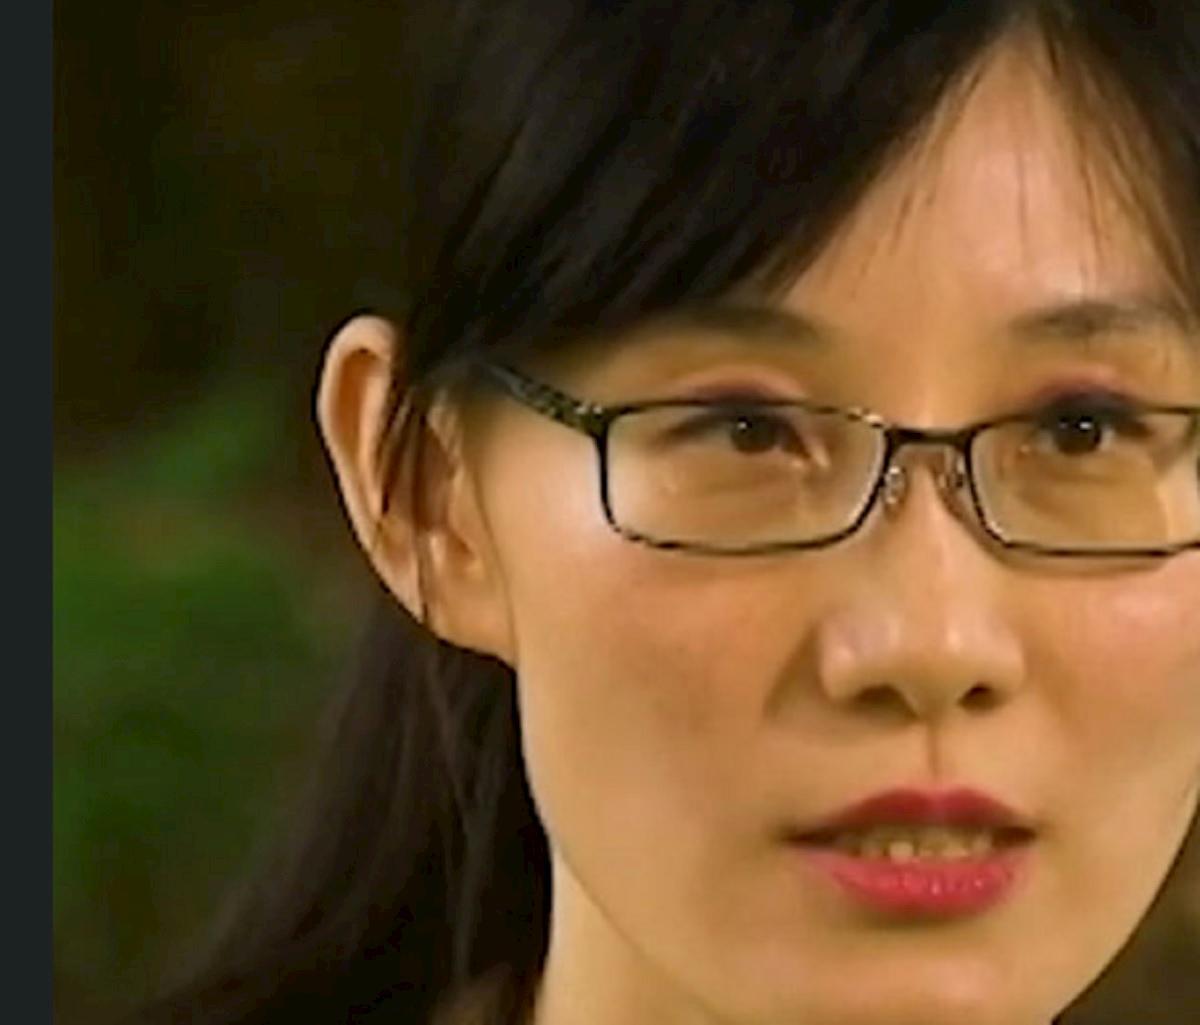 Li Meng Yan